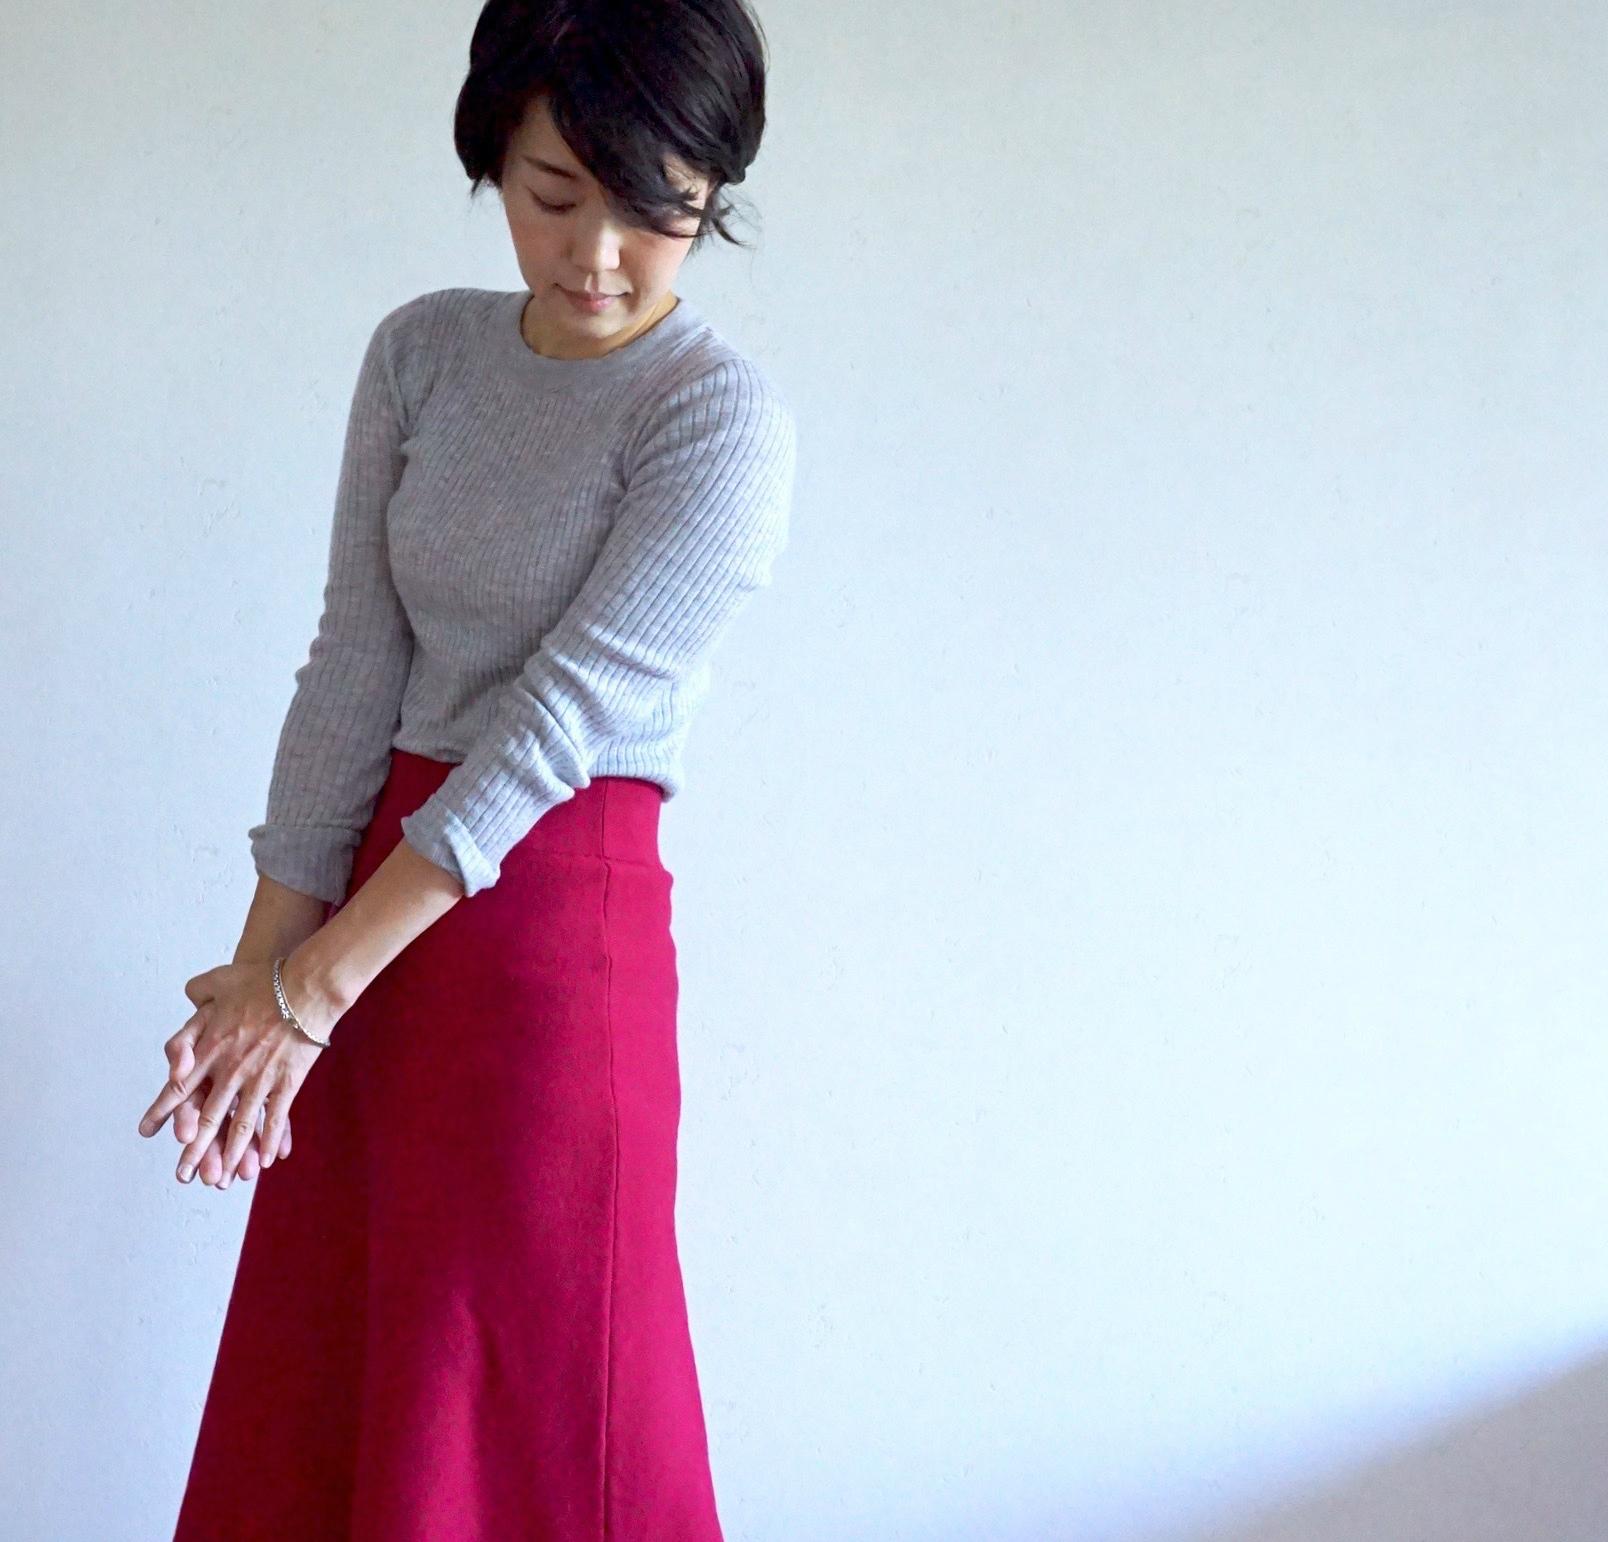 この秋の注目色「ベリー色」をコーデに投入!【マリソル美女組ブログPICK UP】_1_1-2